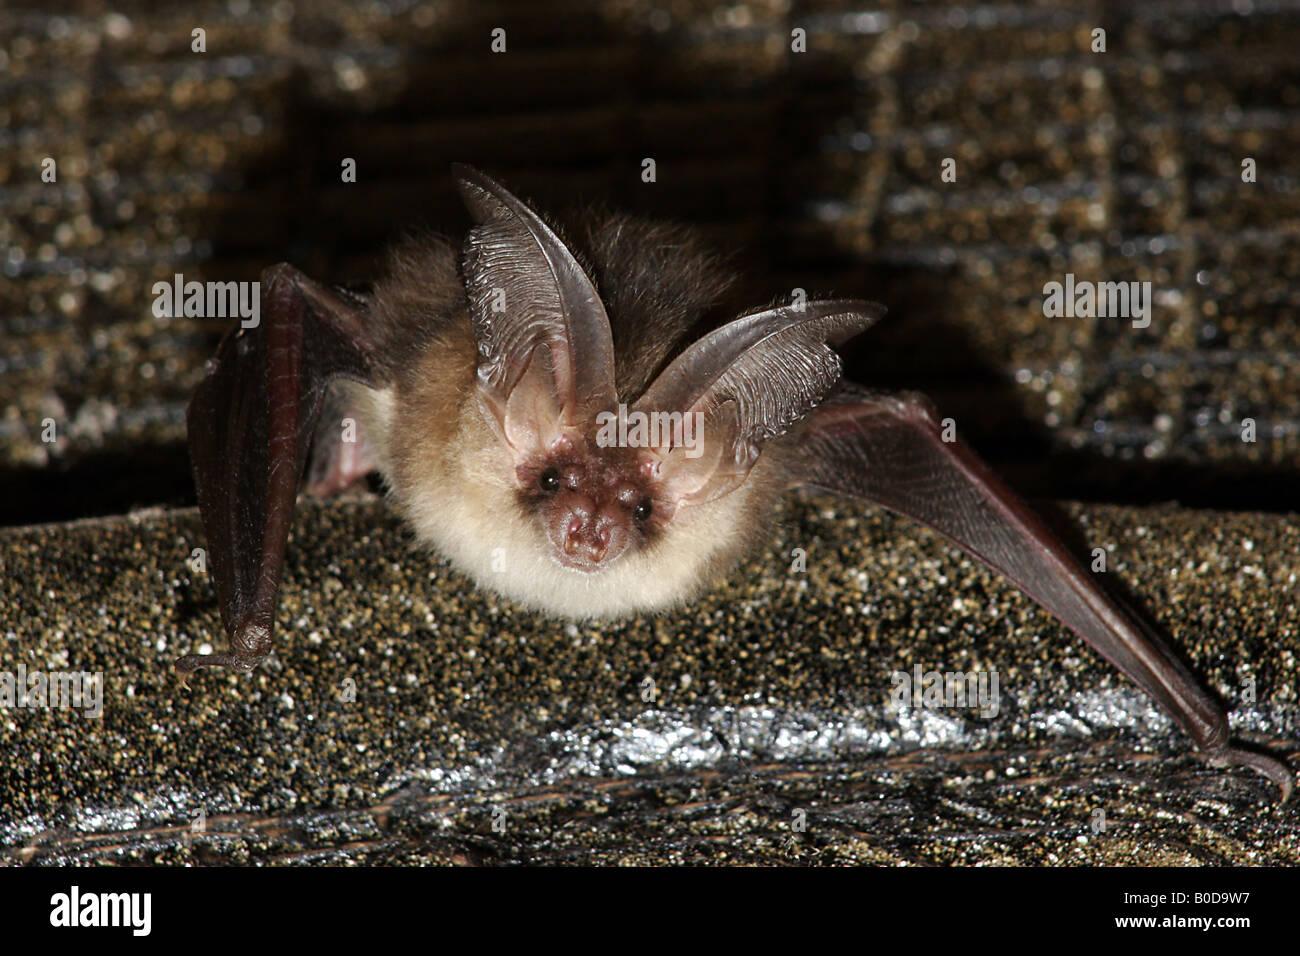 Long Eared Bat - Stock Image